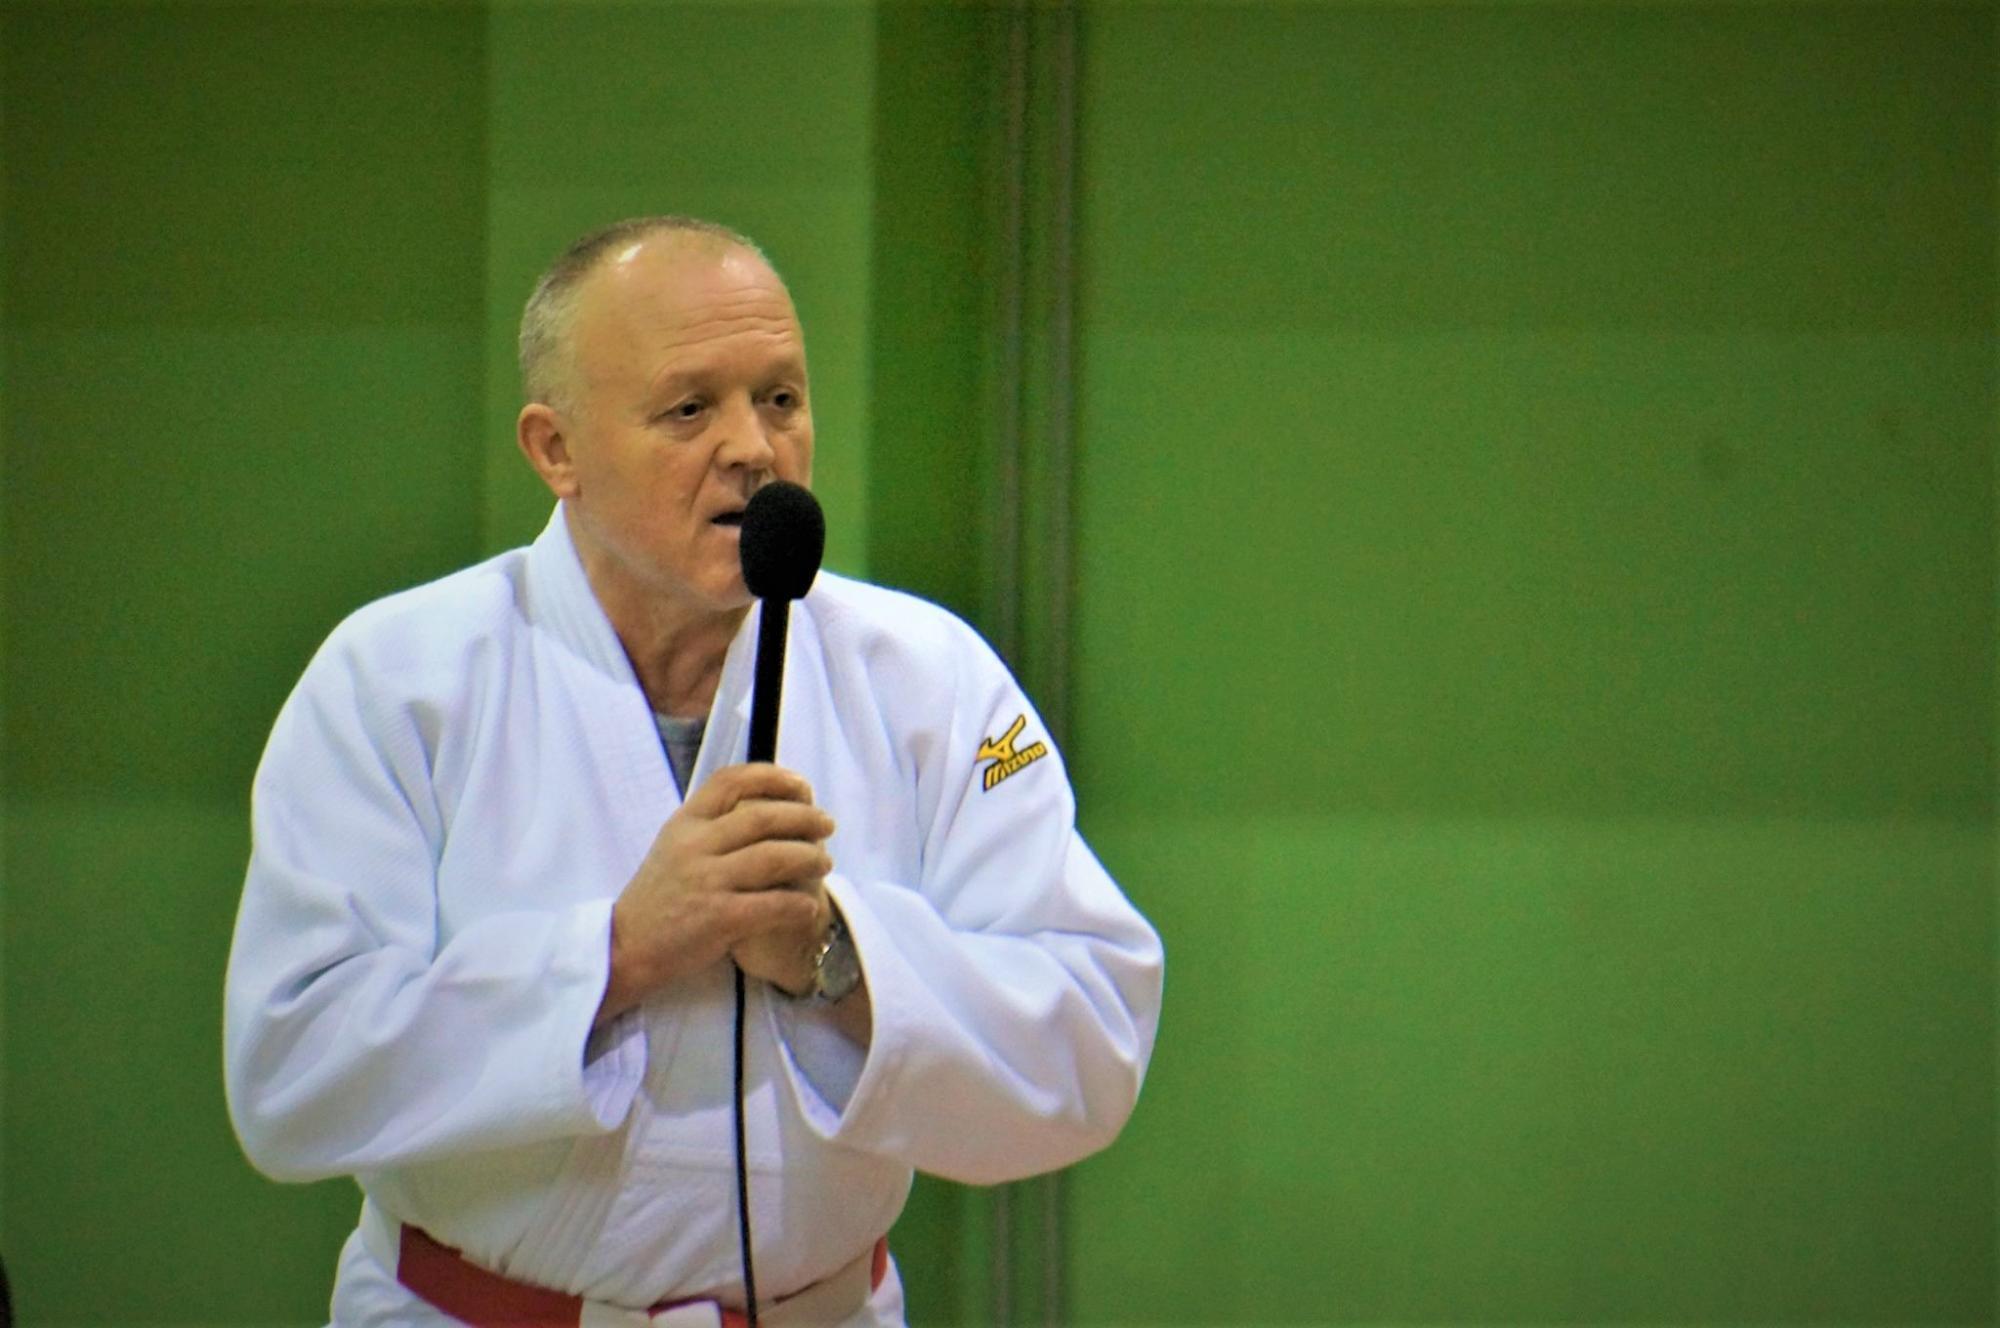 Dziudo treneris Zenius Vencevičius neatsispyrė auklėtinių prašymui: treniruotes surengė parke 11